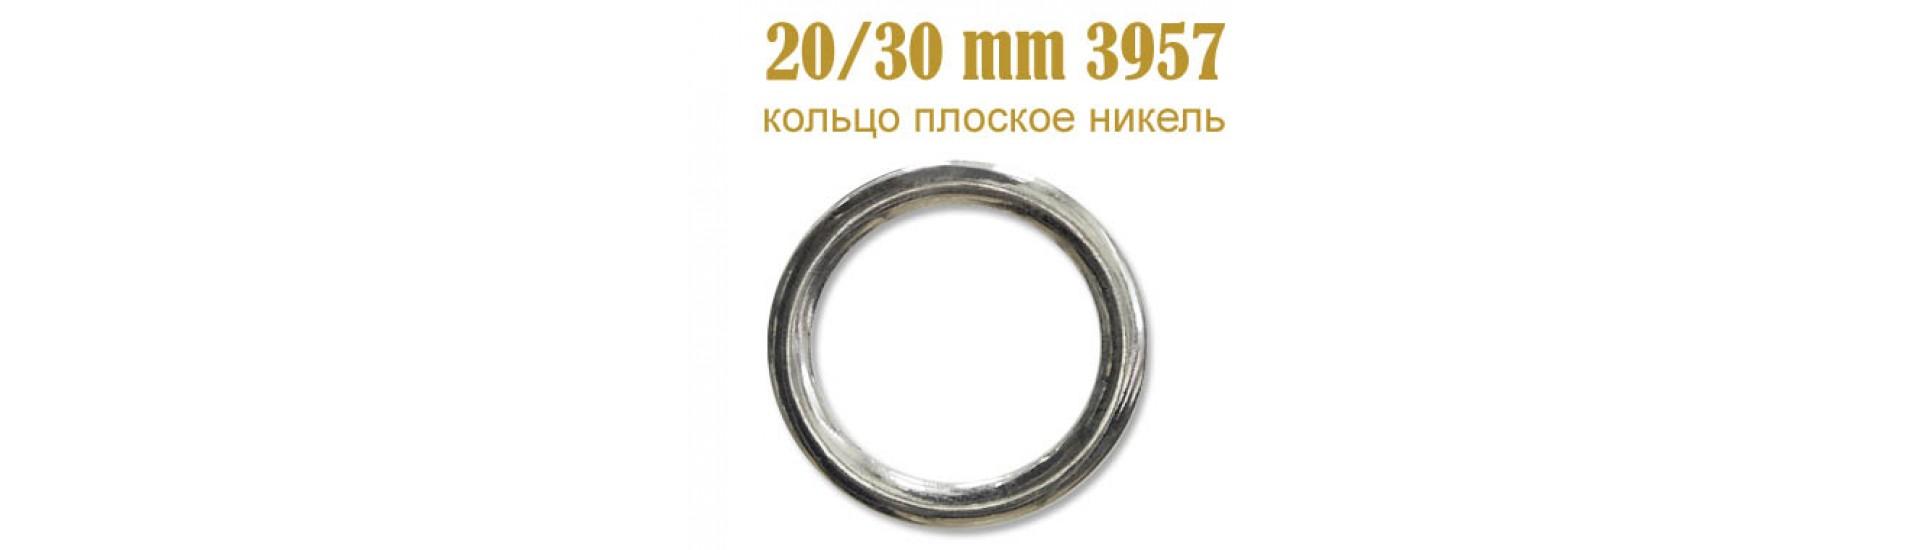 Кольцо плоское 3957 никель 20/30 мм